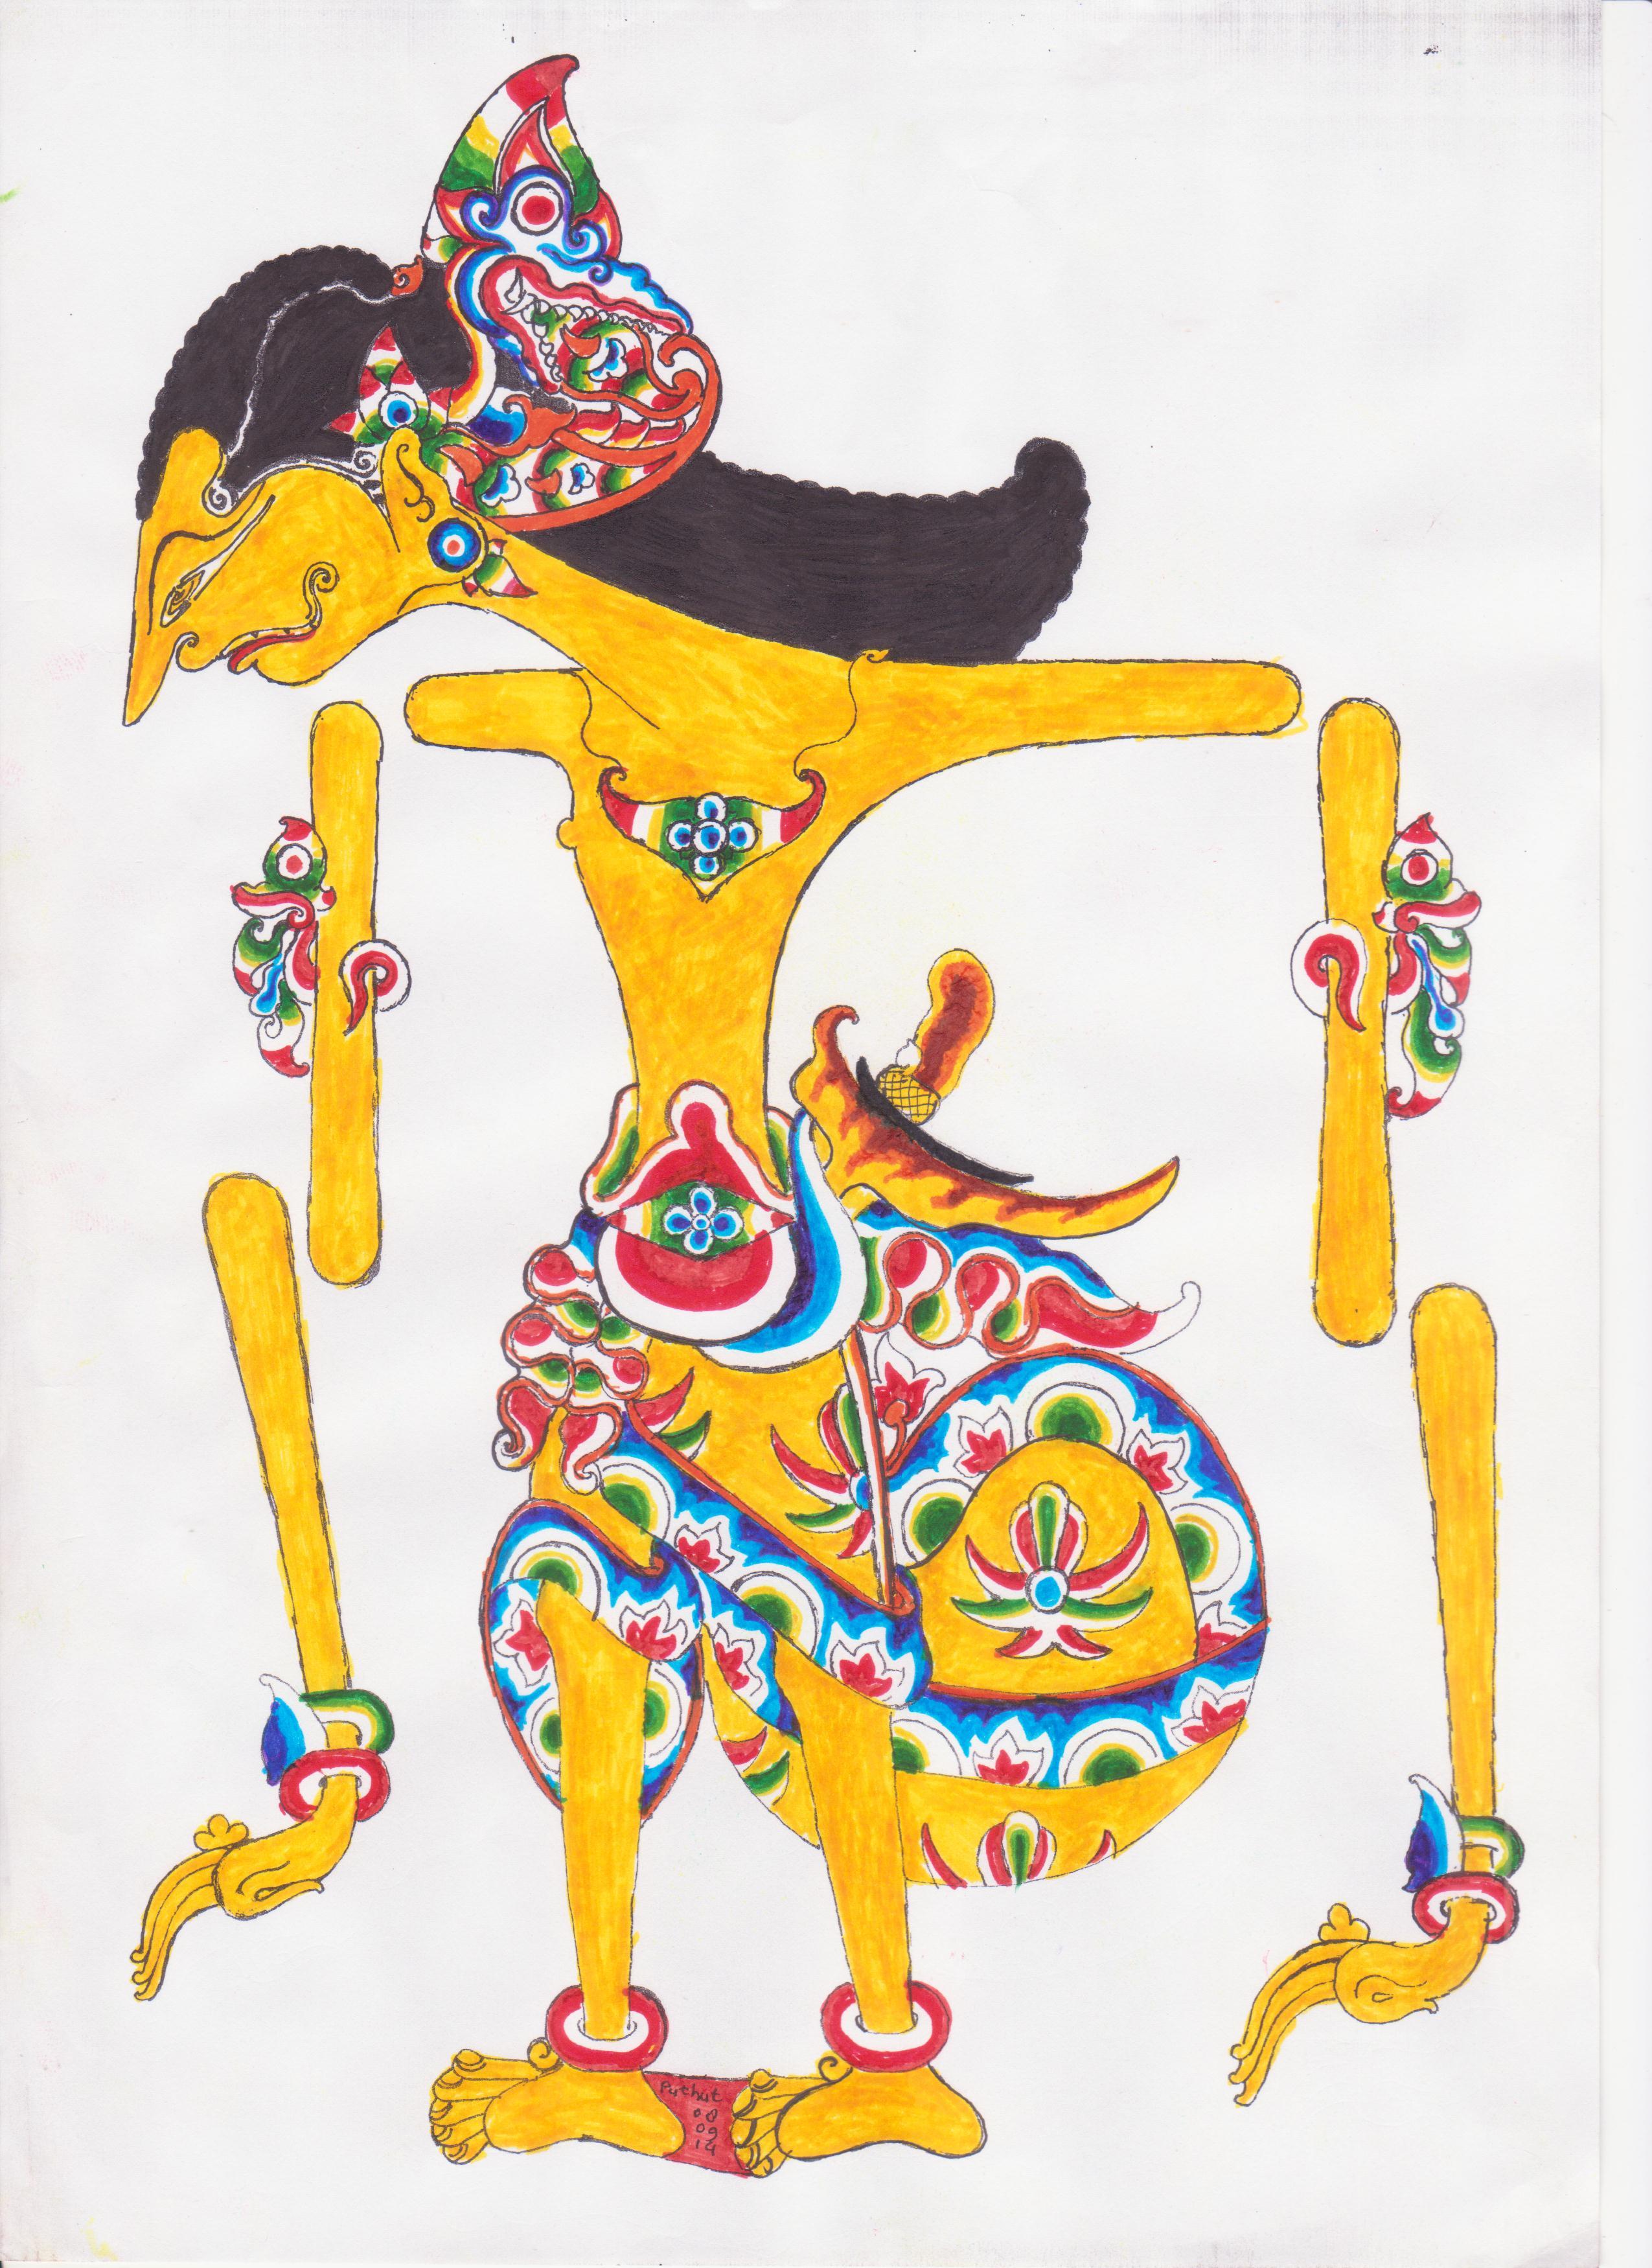 Cara Membuat Wayang Dari Kardus : membuat, wayang, kardus, Belajar, Membuat, Wayang, Classical, Javanese, Gamelan,, Shadow, Puppet,, Dance